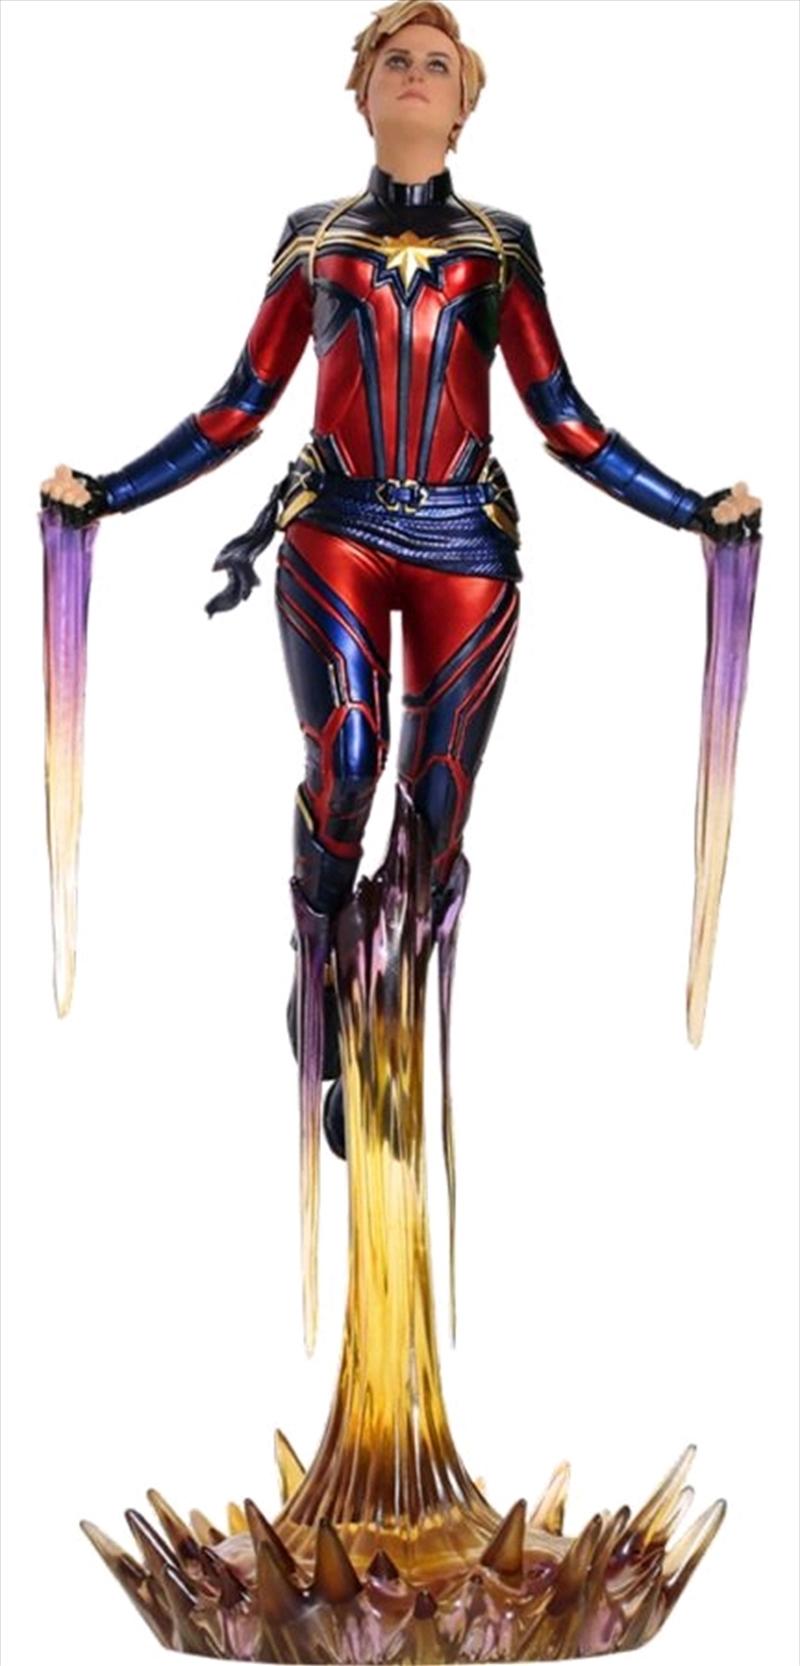 Avengers 4: Endgame - Captain Marvel 1:10 Scale Statue | Merchandise